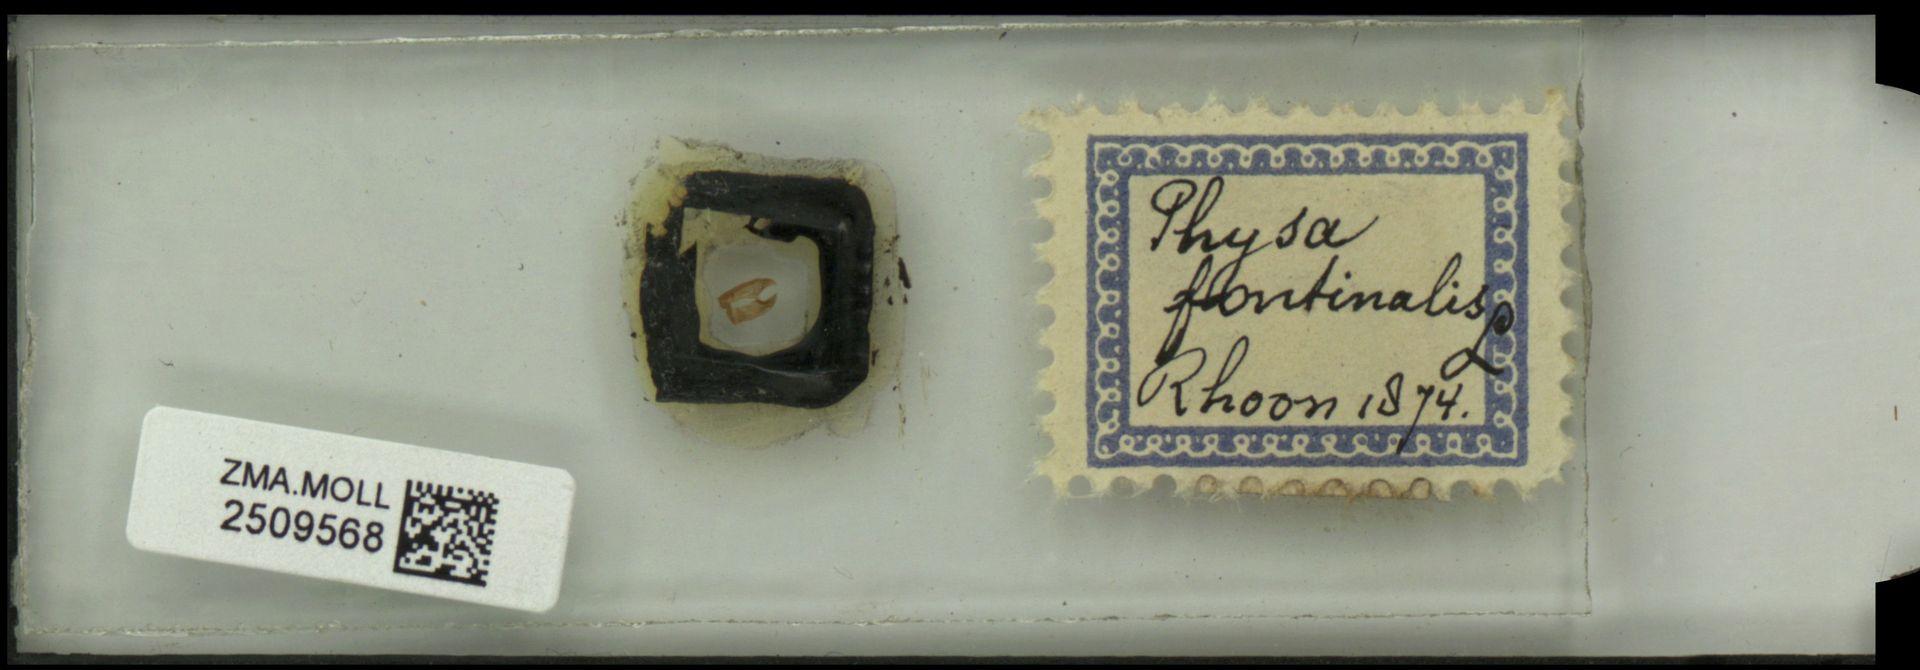 ZMA.MOLL.2509568 | Physa fontinalis Linnaeus, 1758